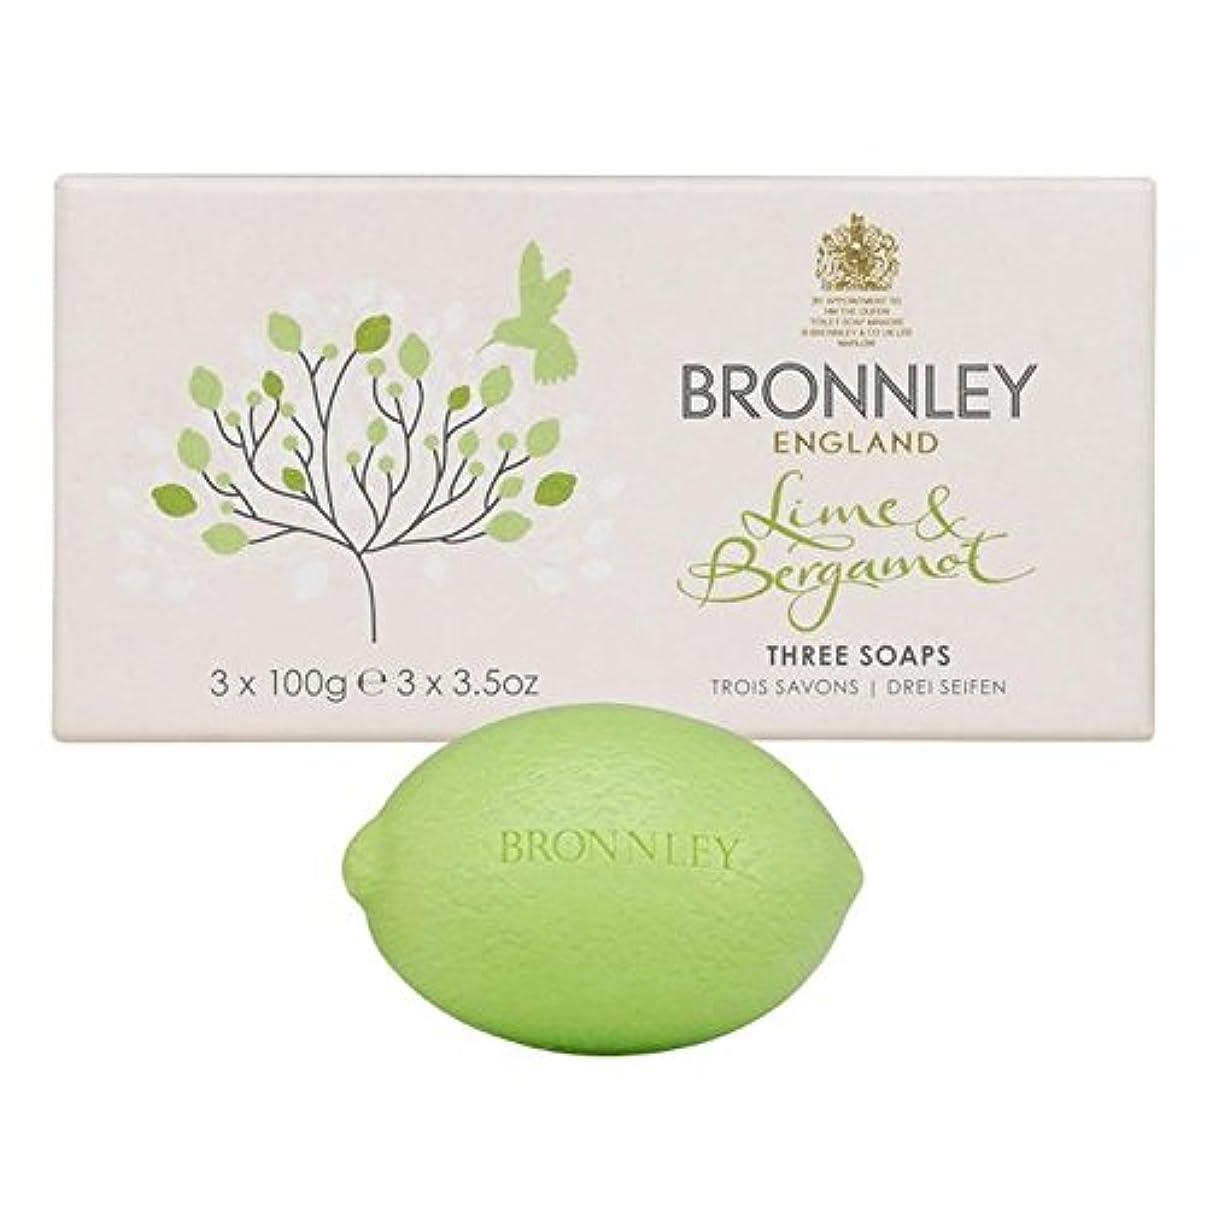 ライム&ベルガモット石鹸3×100グラム x4 - Bronnley Lime & Bergamot Soap 3 x 100g (Pack of 4) [並行輸入品]